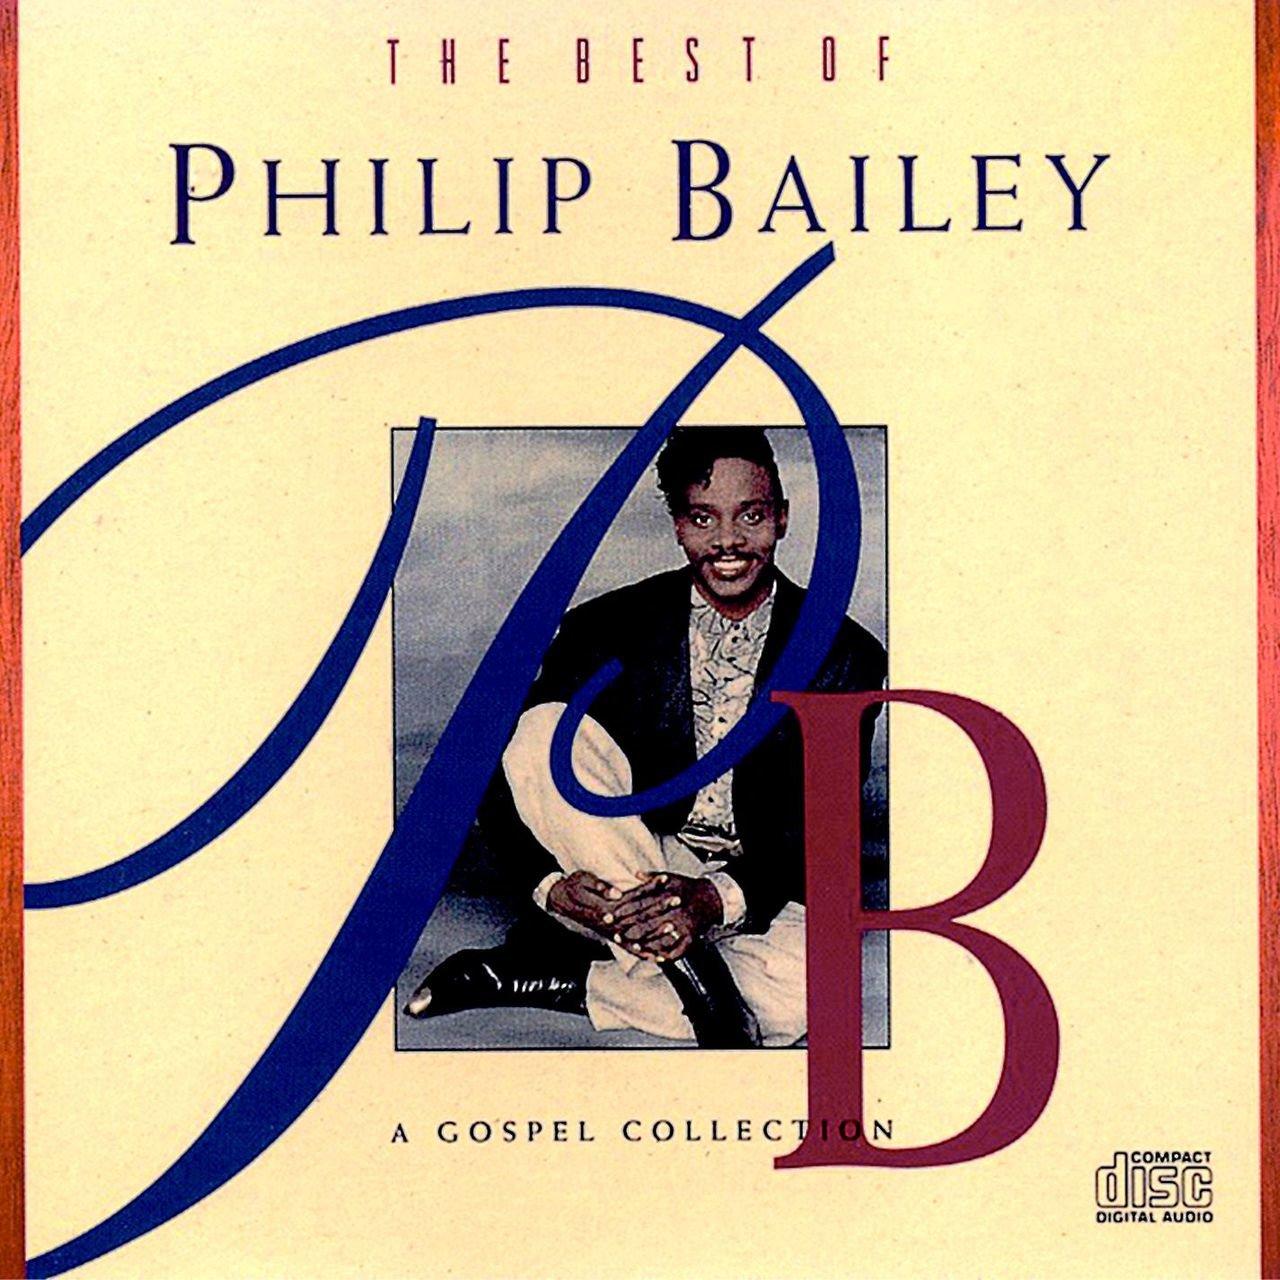 Philip Bailey-The Best of Philip Bailey Gospel